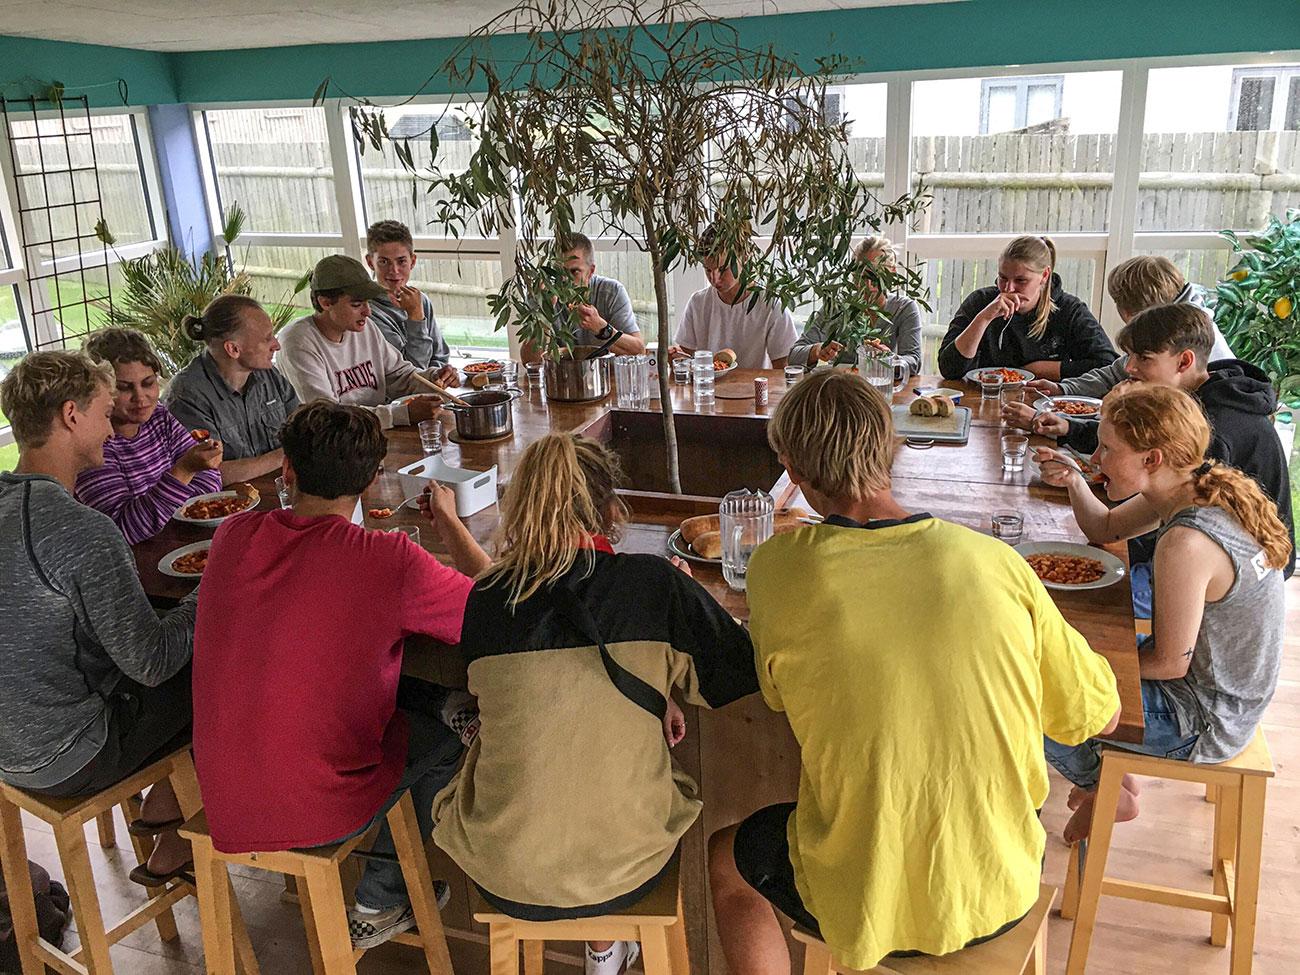 Fællesspisning på kollegiet HF Cold Hawaii Klitmøller